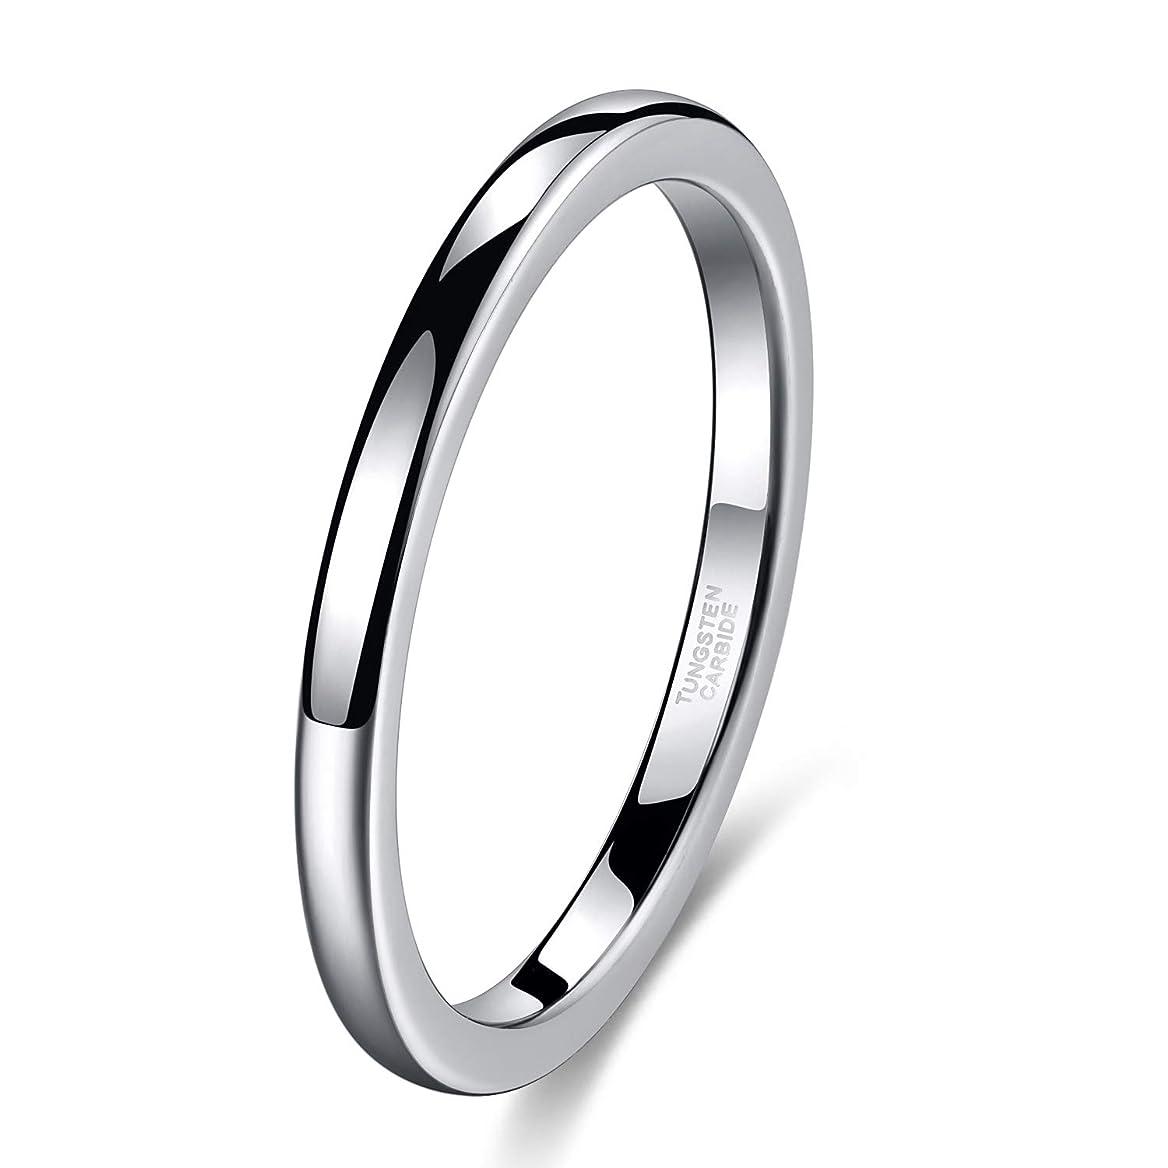 ありそう有名な実現可能マエストロ館 刻印無料 チタンリング 0.01ct ダイヤ ノンアレルギー ペアリング 幅3mm マリッジ 結婚指輪